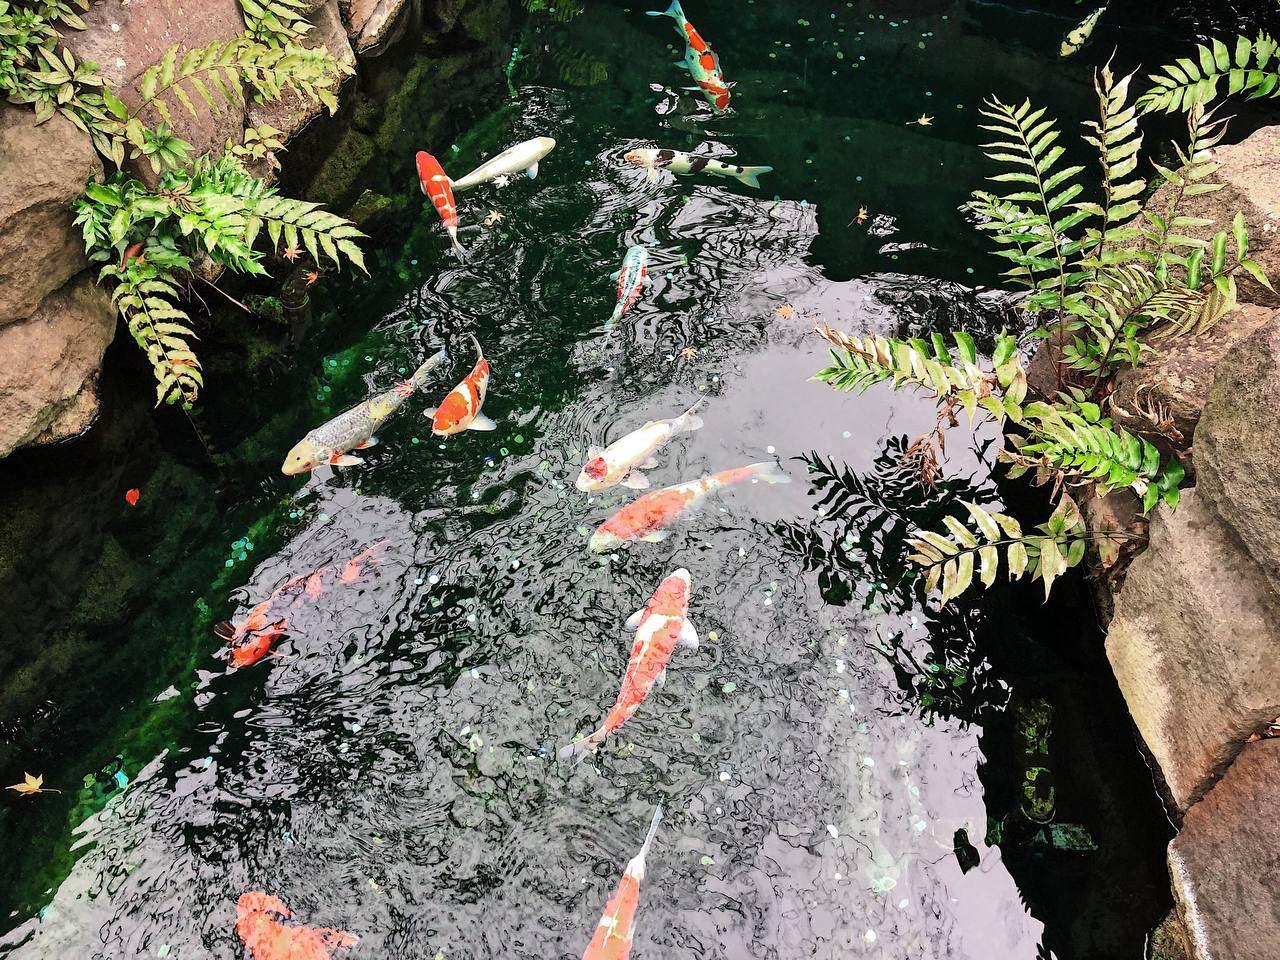 Про рыб  Рыбы не живут без воды, Рыбы не оставляют следы, Не ищут почвы под...